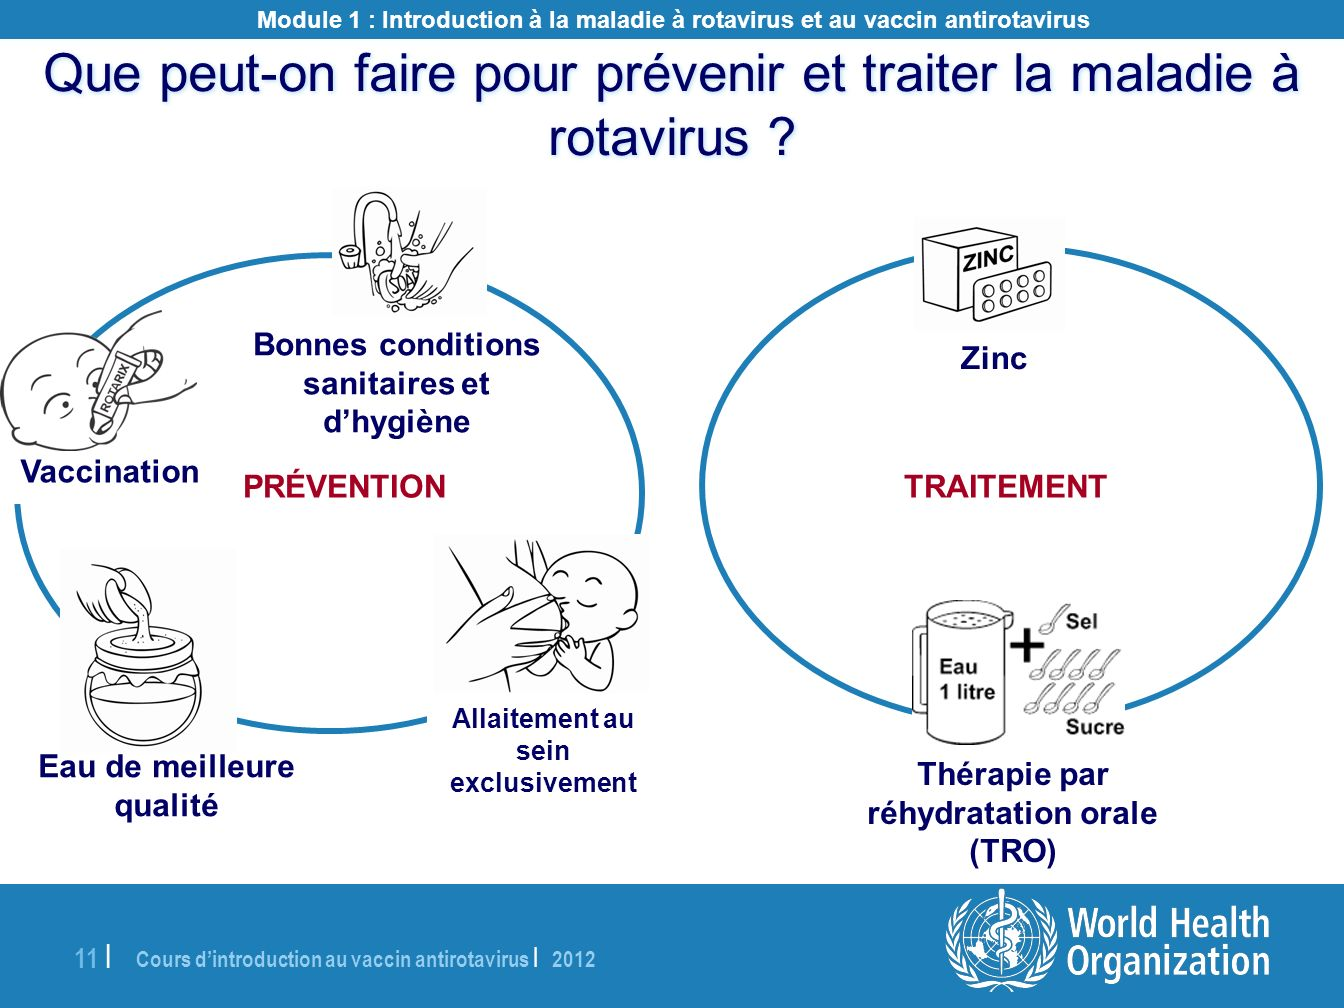 Cours dintroduction au vaccin antirotavirus | 2012 11 | Module 1 : Introduction à la maladie à rotavirus et au vaccin antirotavirus Bonnes conditions